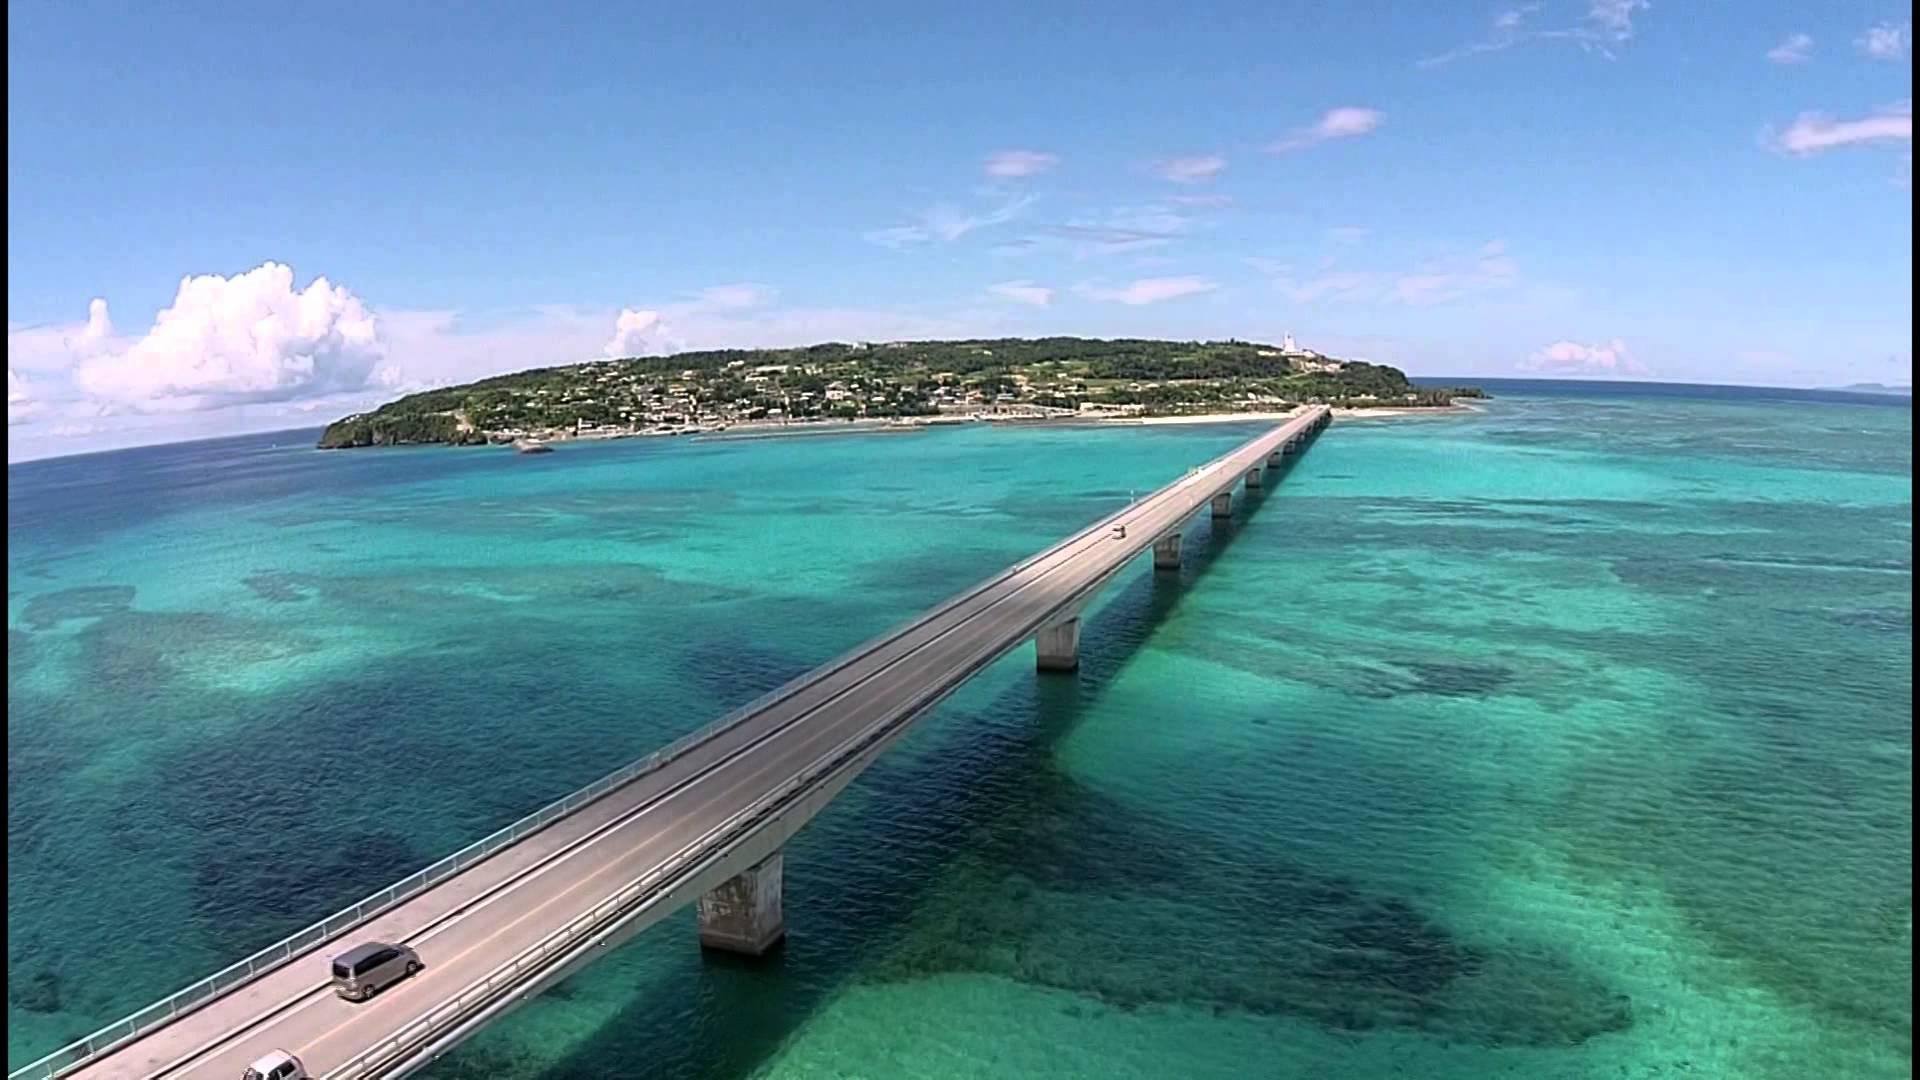 古宇利岛位于冲绳本岛的北部